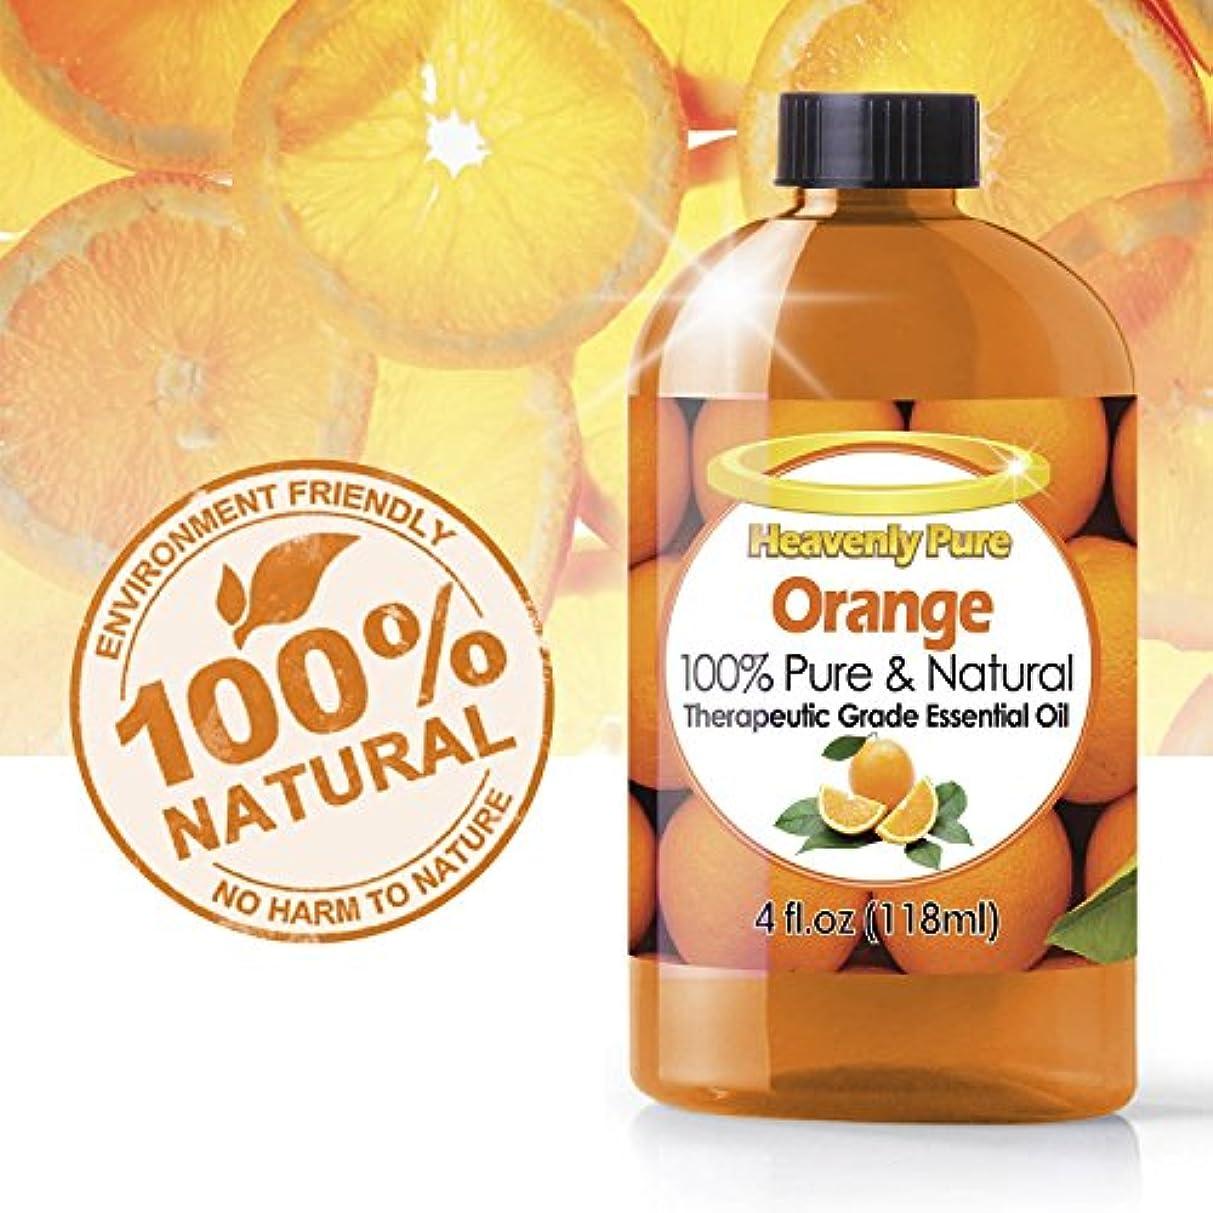 葉を集める切る毎回オレンジエッセンシャルオイル(HUGE 4 OZ)アイドロップ剤 - 100%ピュア&ナチュラルスイートシトラスアロマ - 治療グレード - オレンジオイルはアロマセラピー、イミュニティ、天然抗菌、および洗浄に最適です